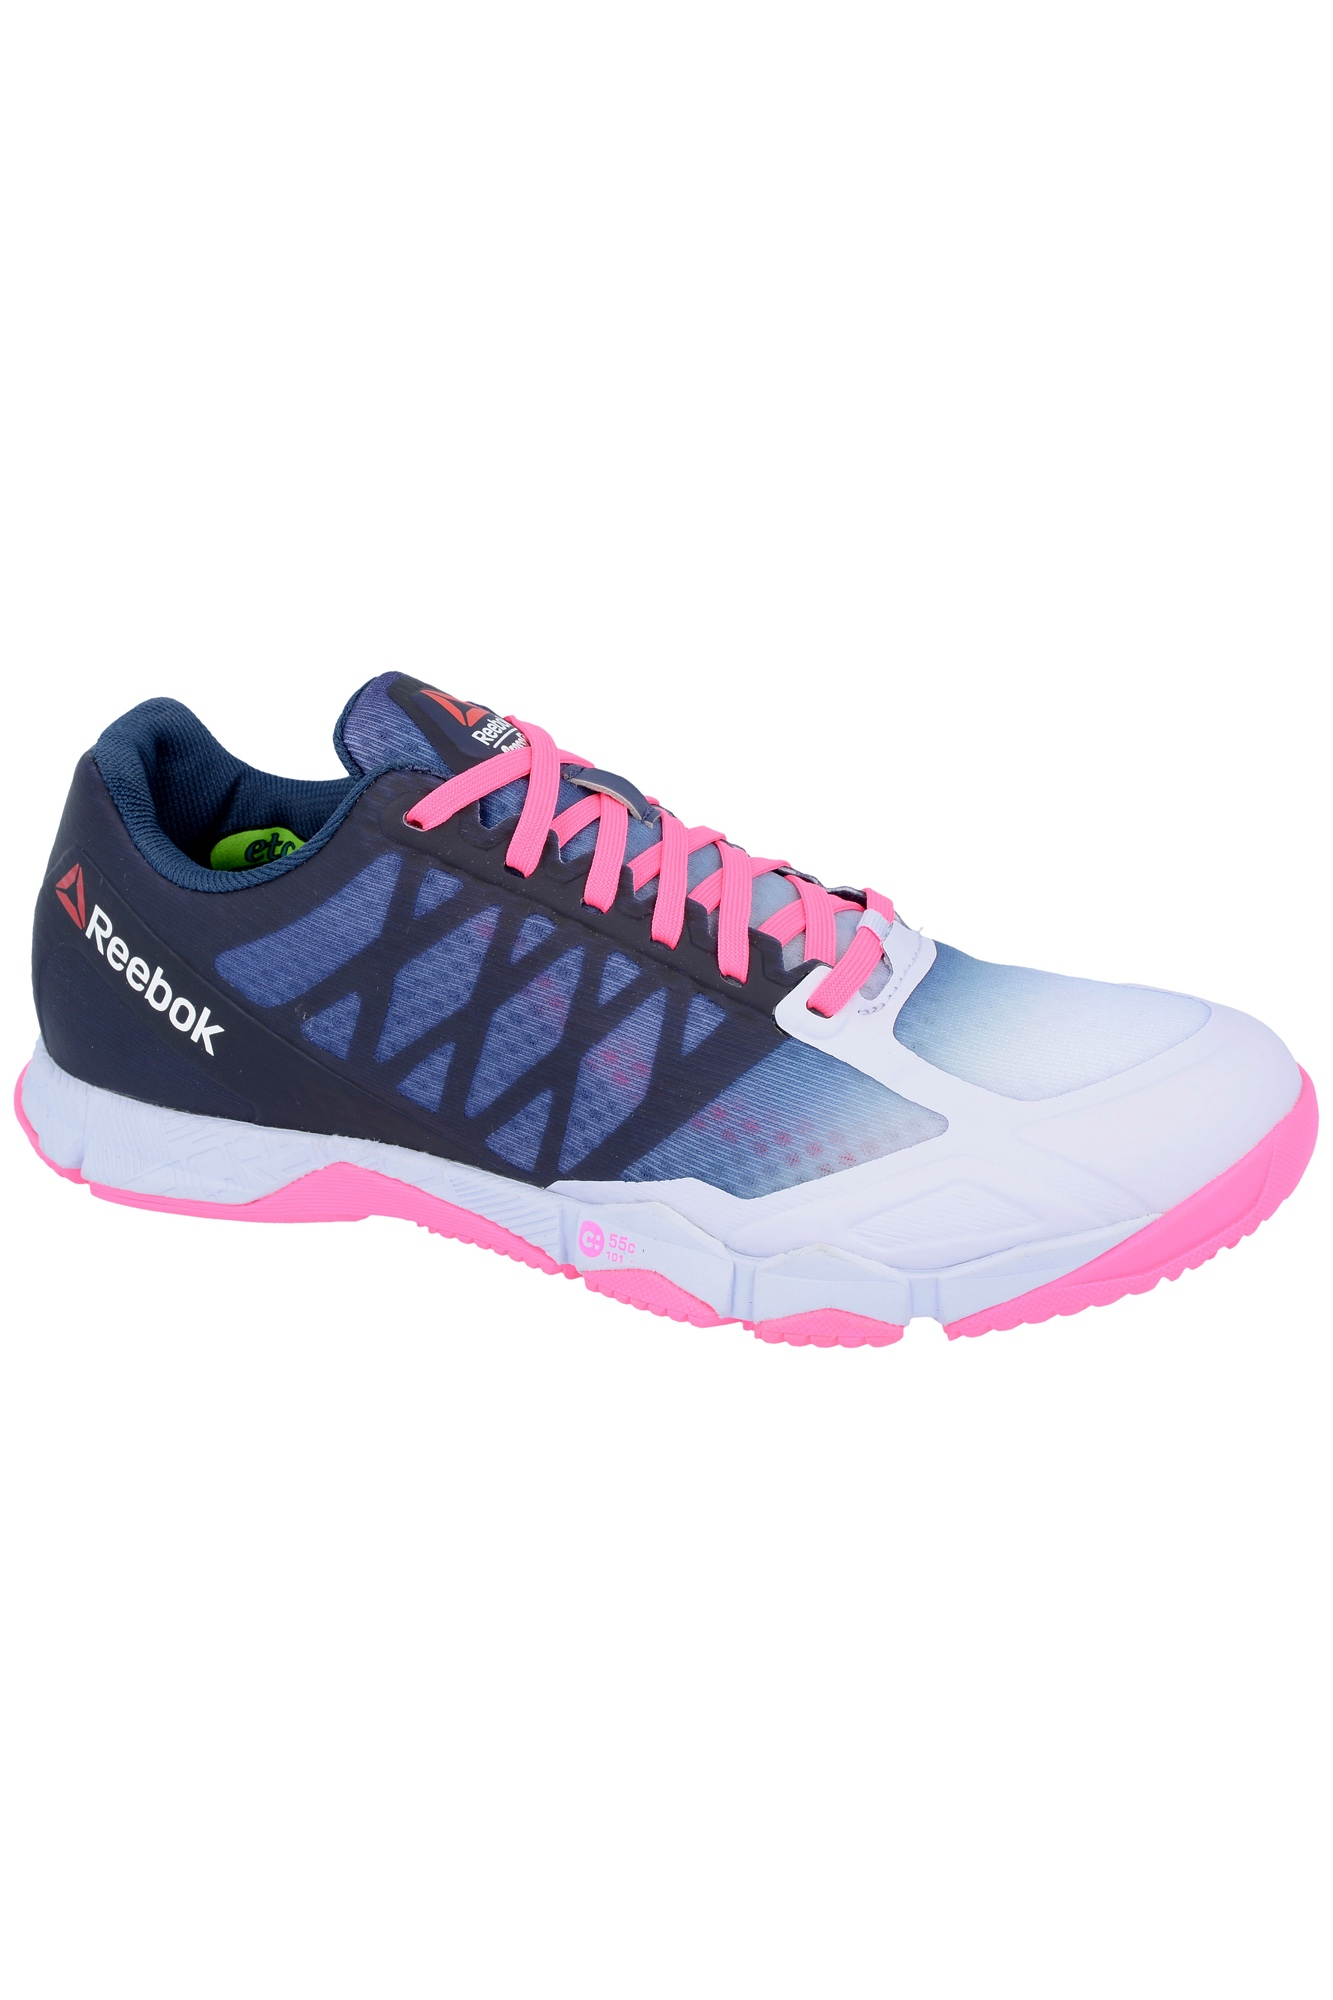 8c815fd7 Ar3074 Crossfit Crossfit® Buty Tr Reebok Speed Damskie SZwSH8q